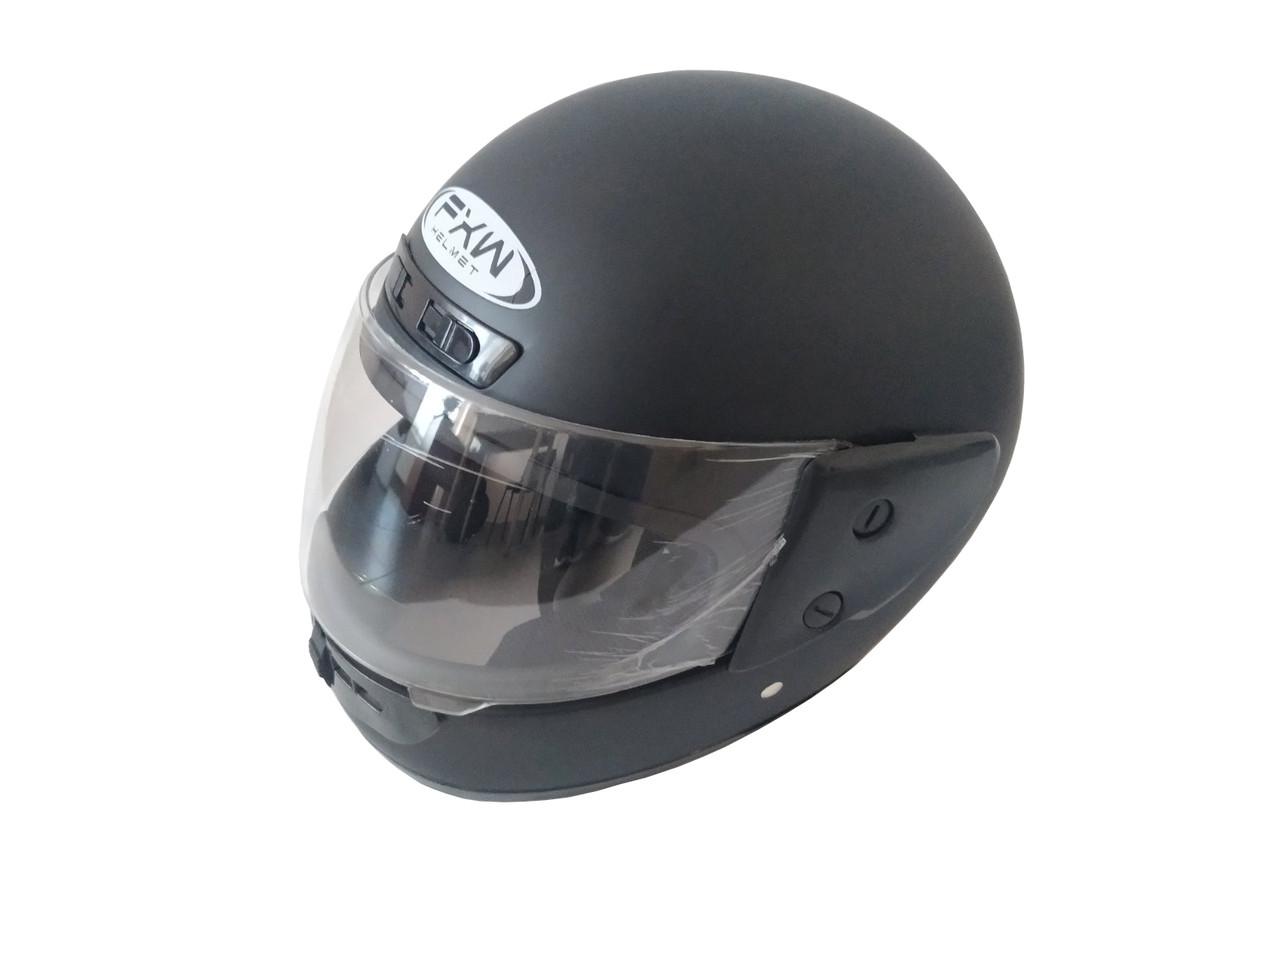 Шлем HF-101 Закритый/Черный(матовий) Размер: S